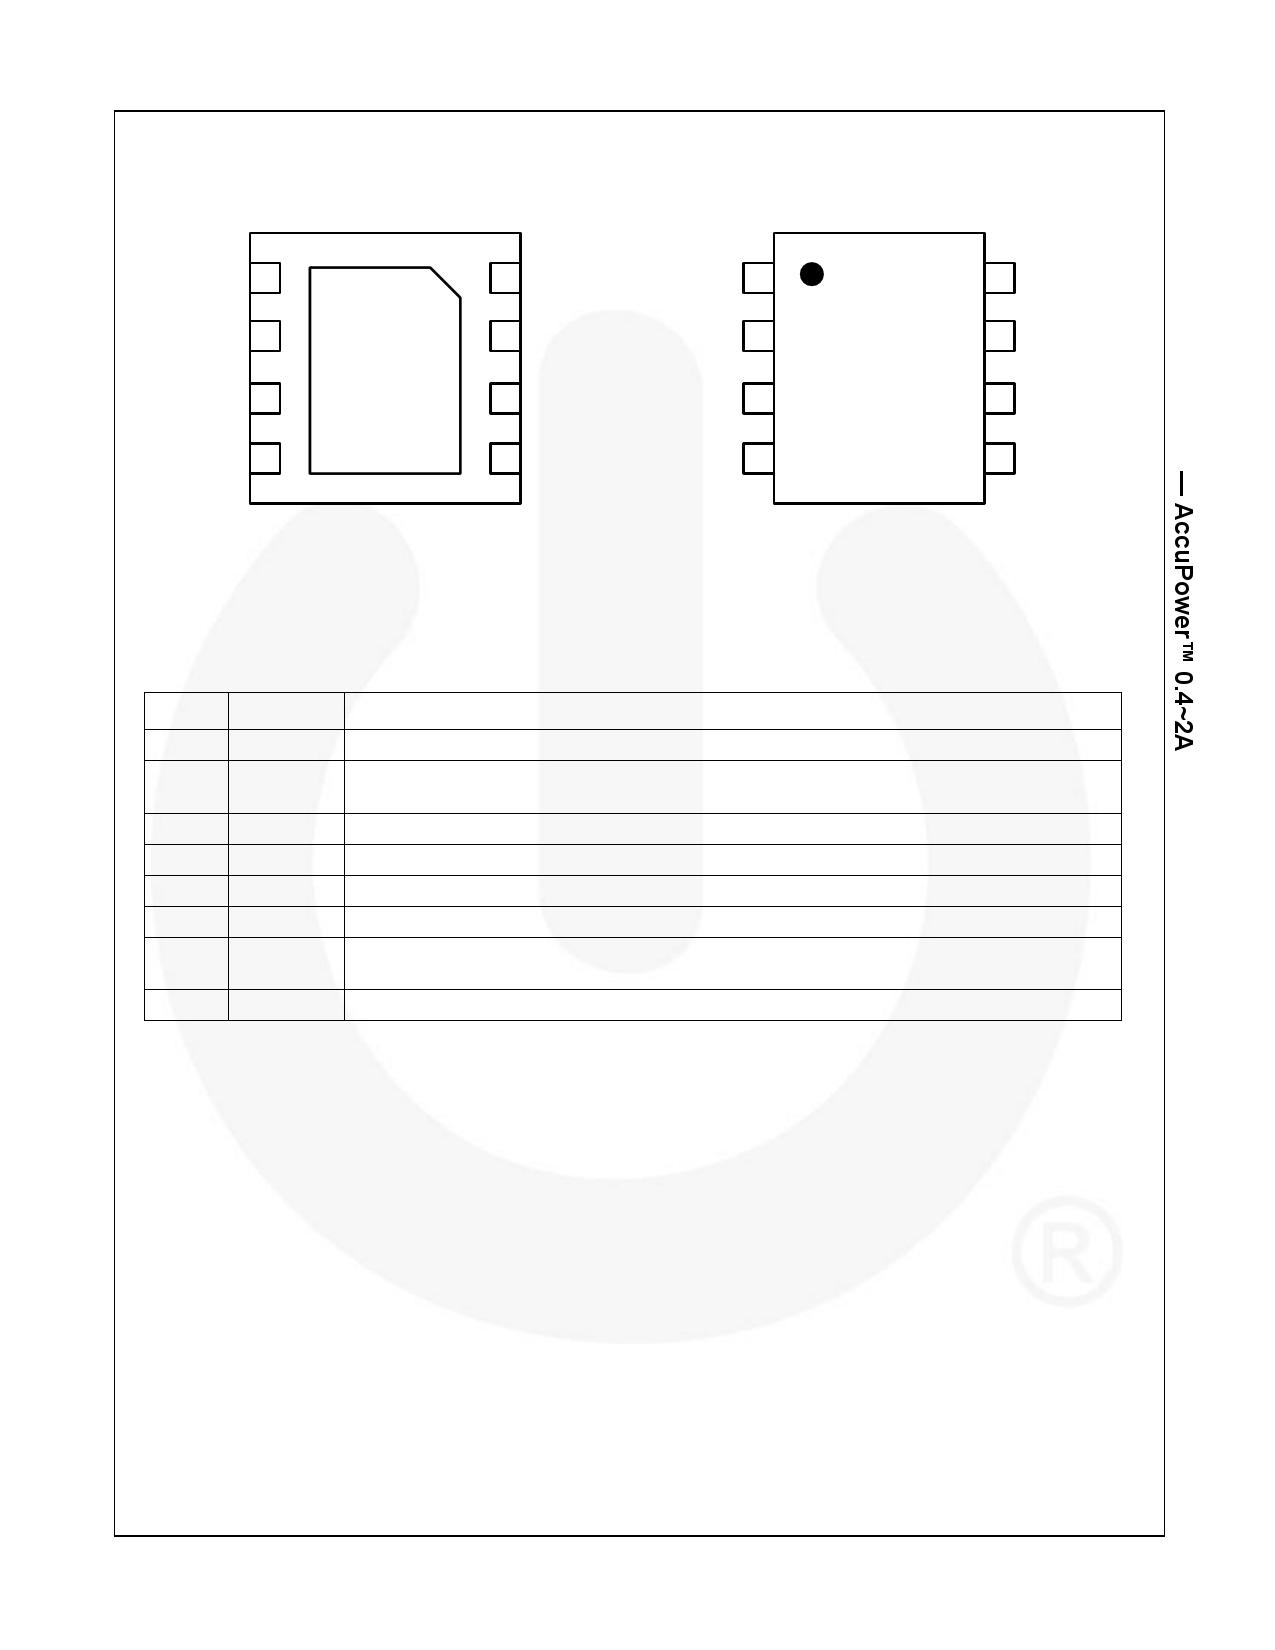 FPF2701 pdf, 電子部品, 半導体, ピン配列